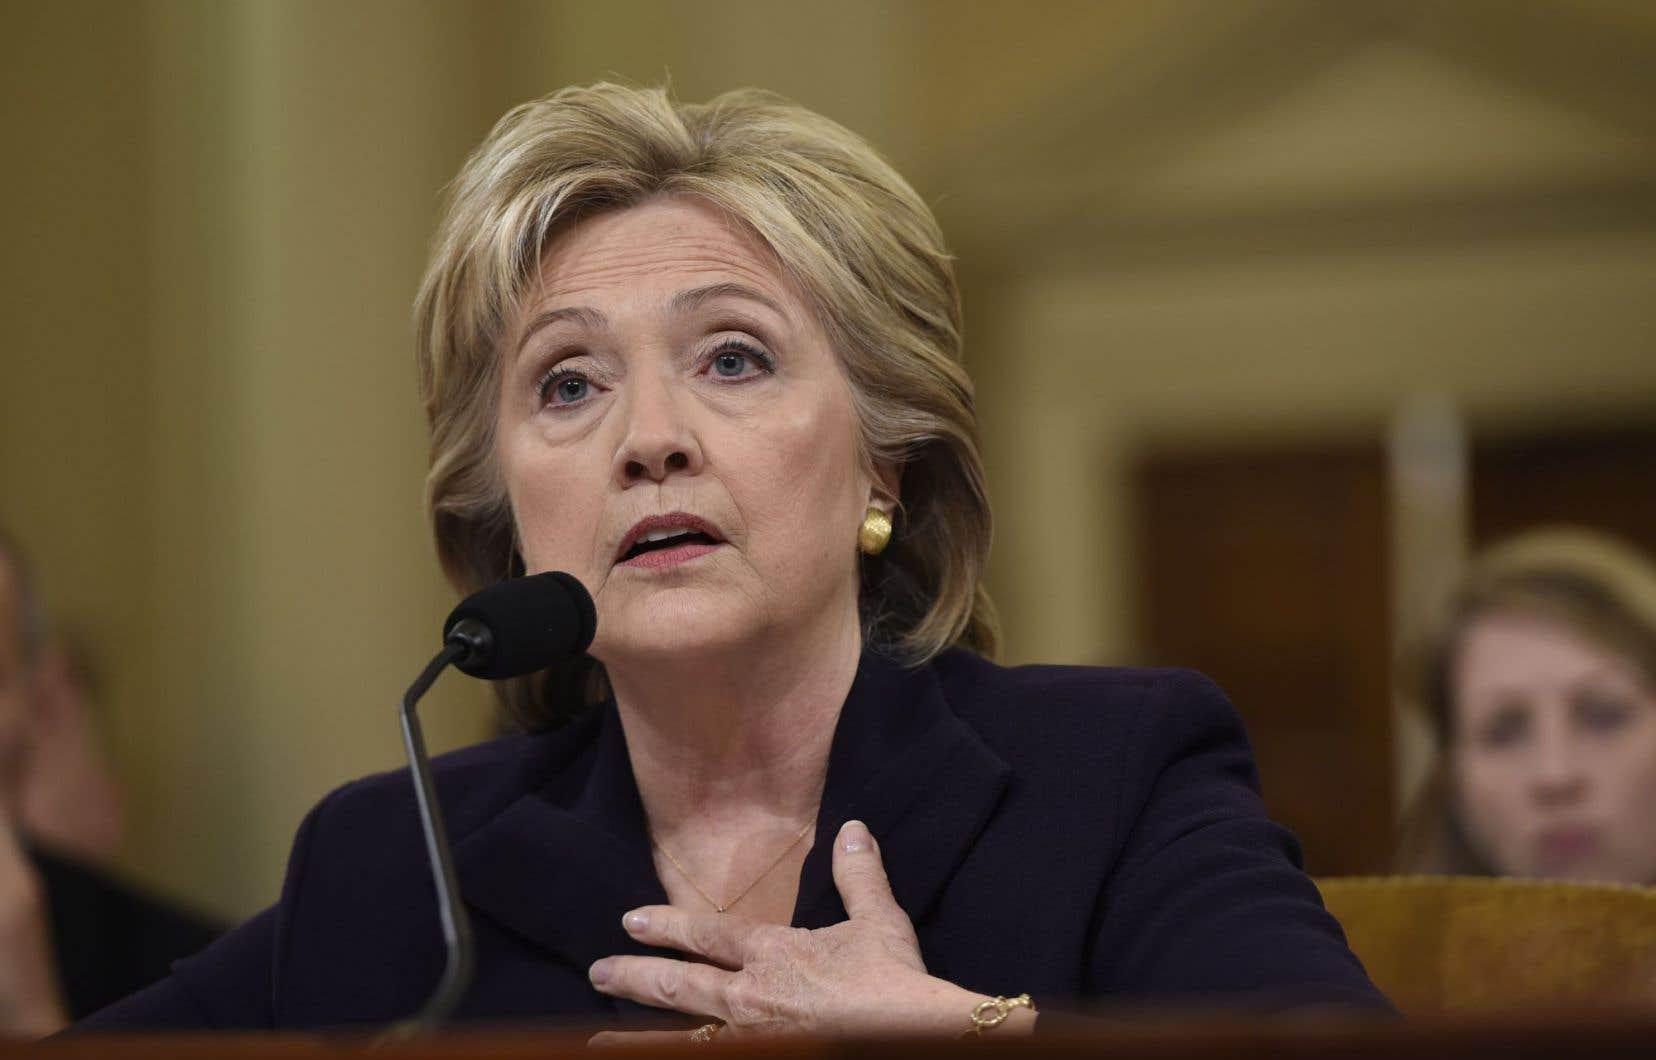 Hillary Clinton, malgré l'enjeu de l'audition, est demeurée calme toute la journée contrairement à son précédent passage à une commission en 2013.